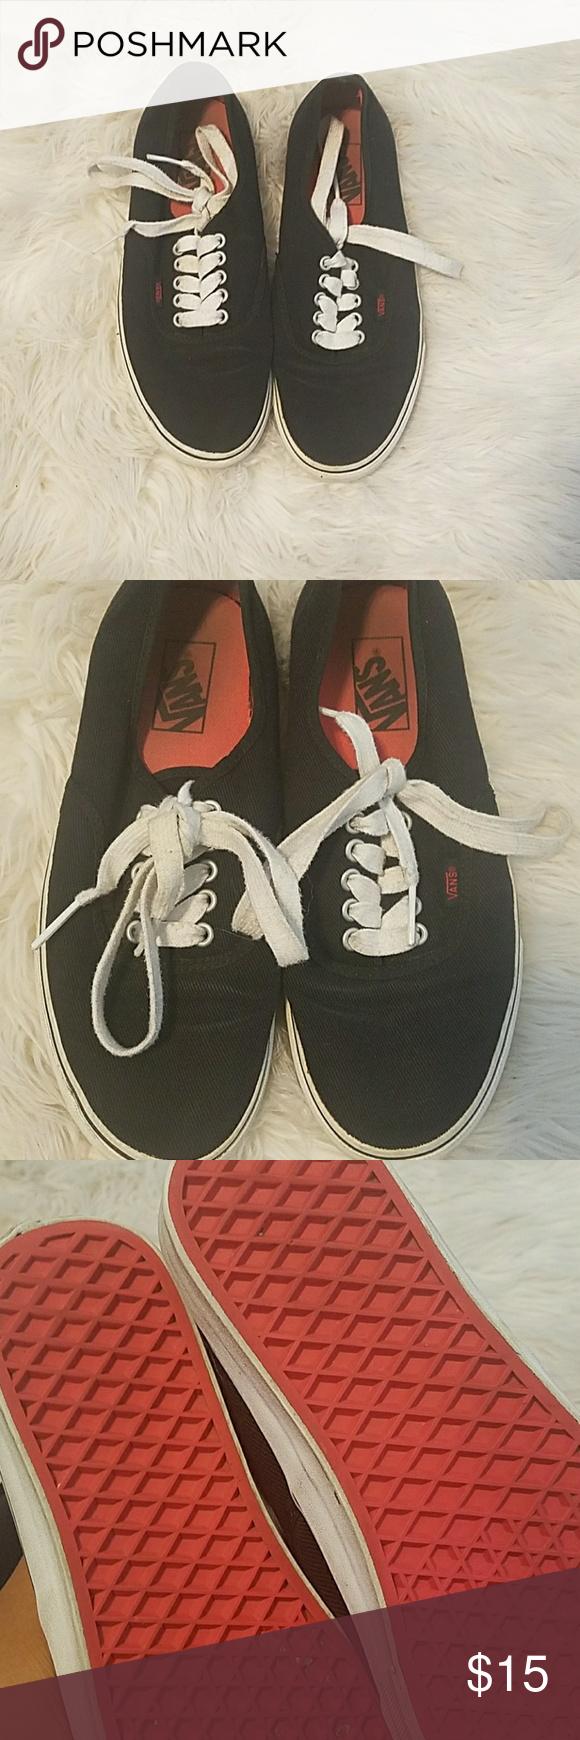 Black vans, Red bottoms, Vans